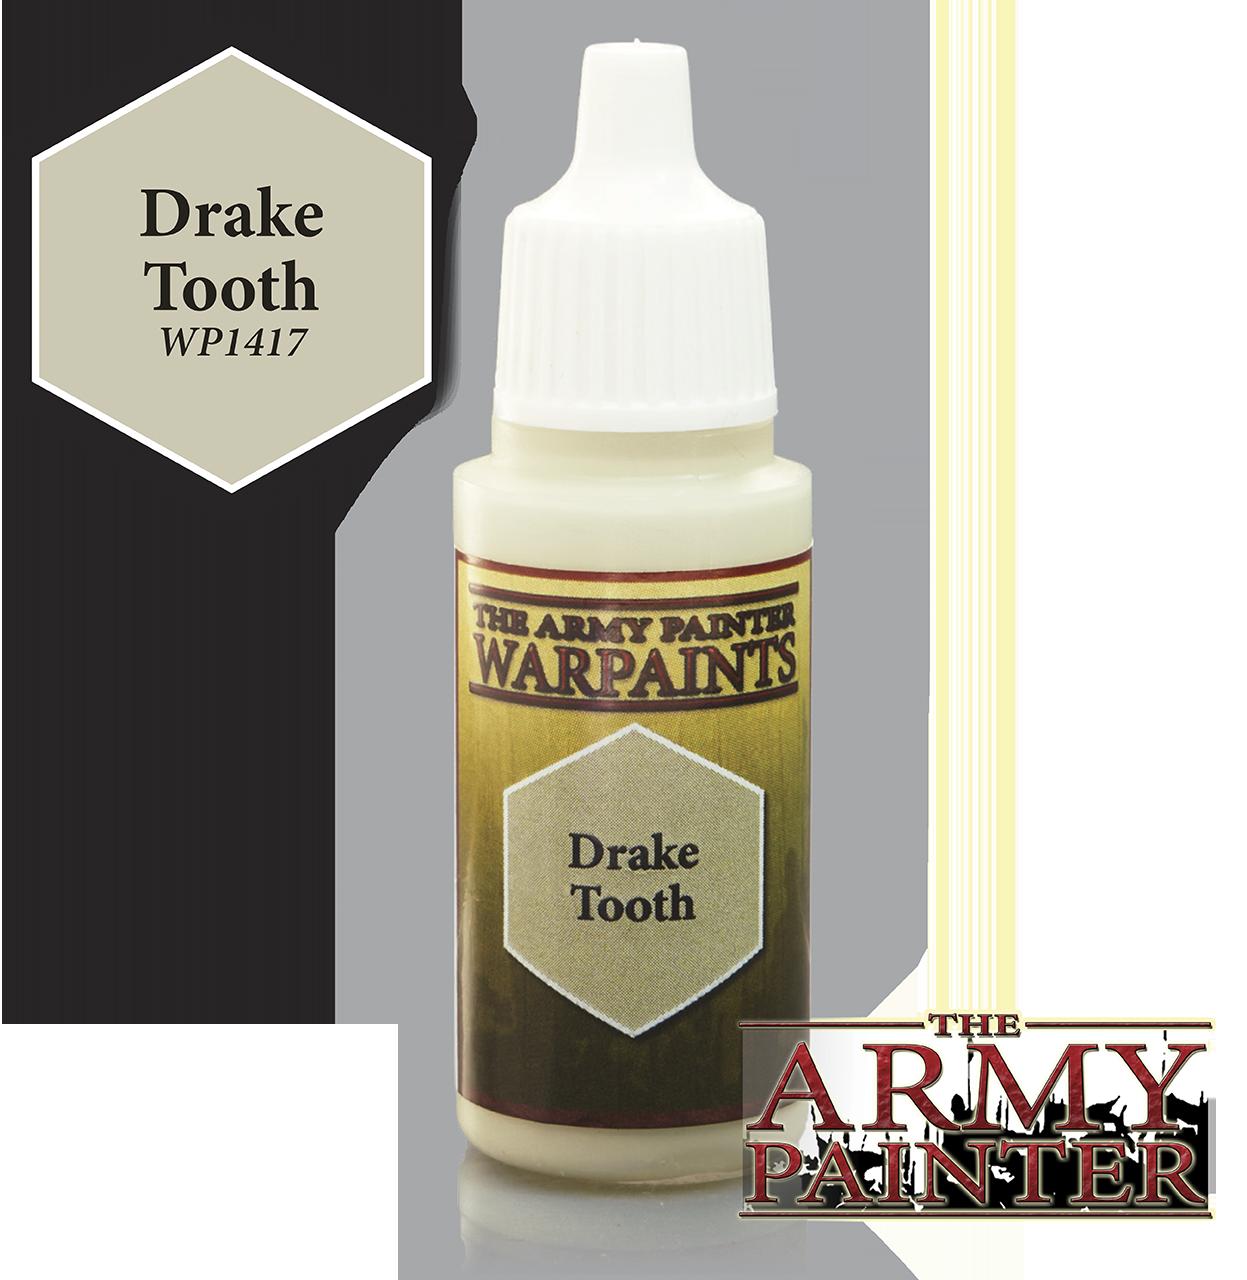 Drake Tooth